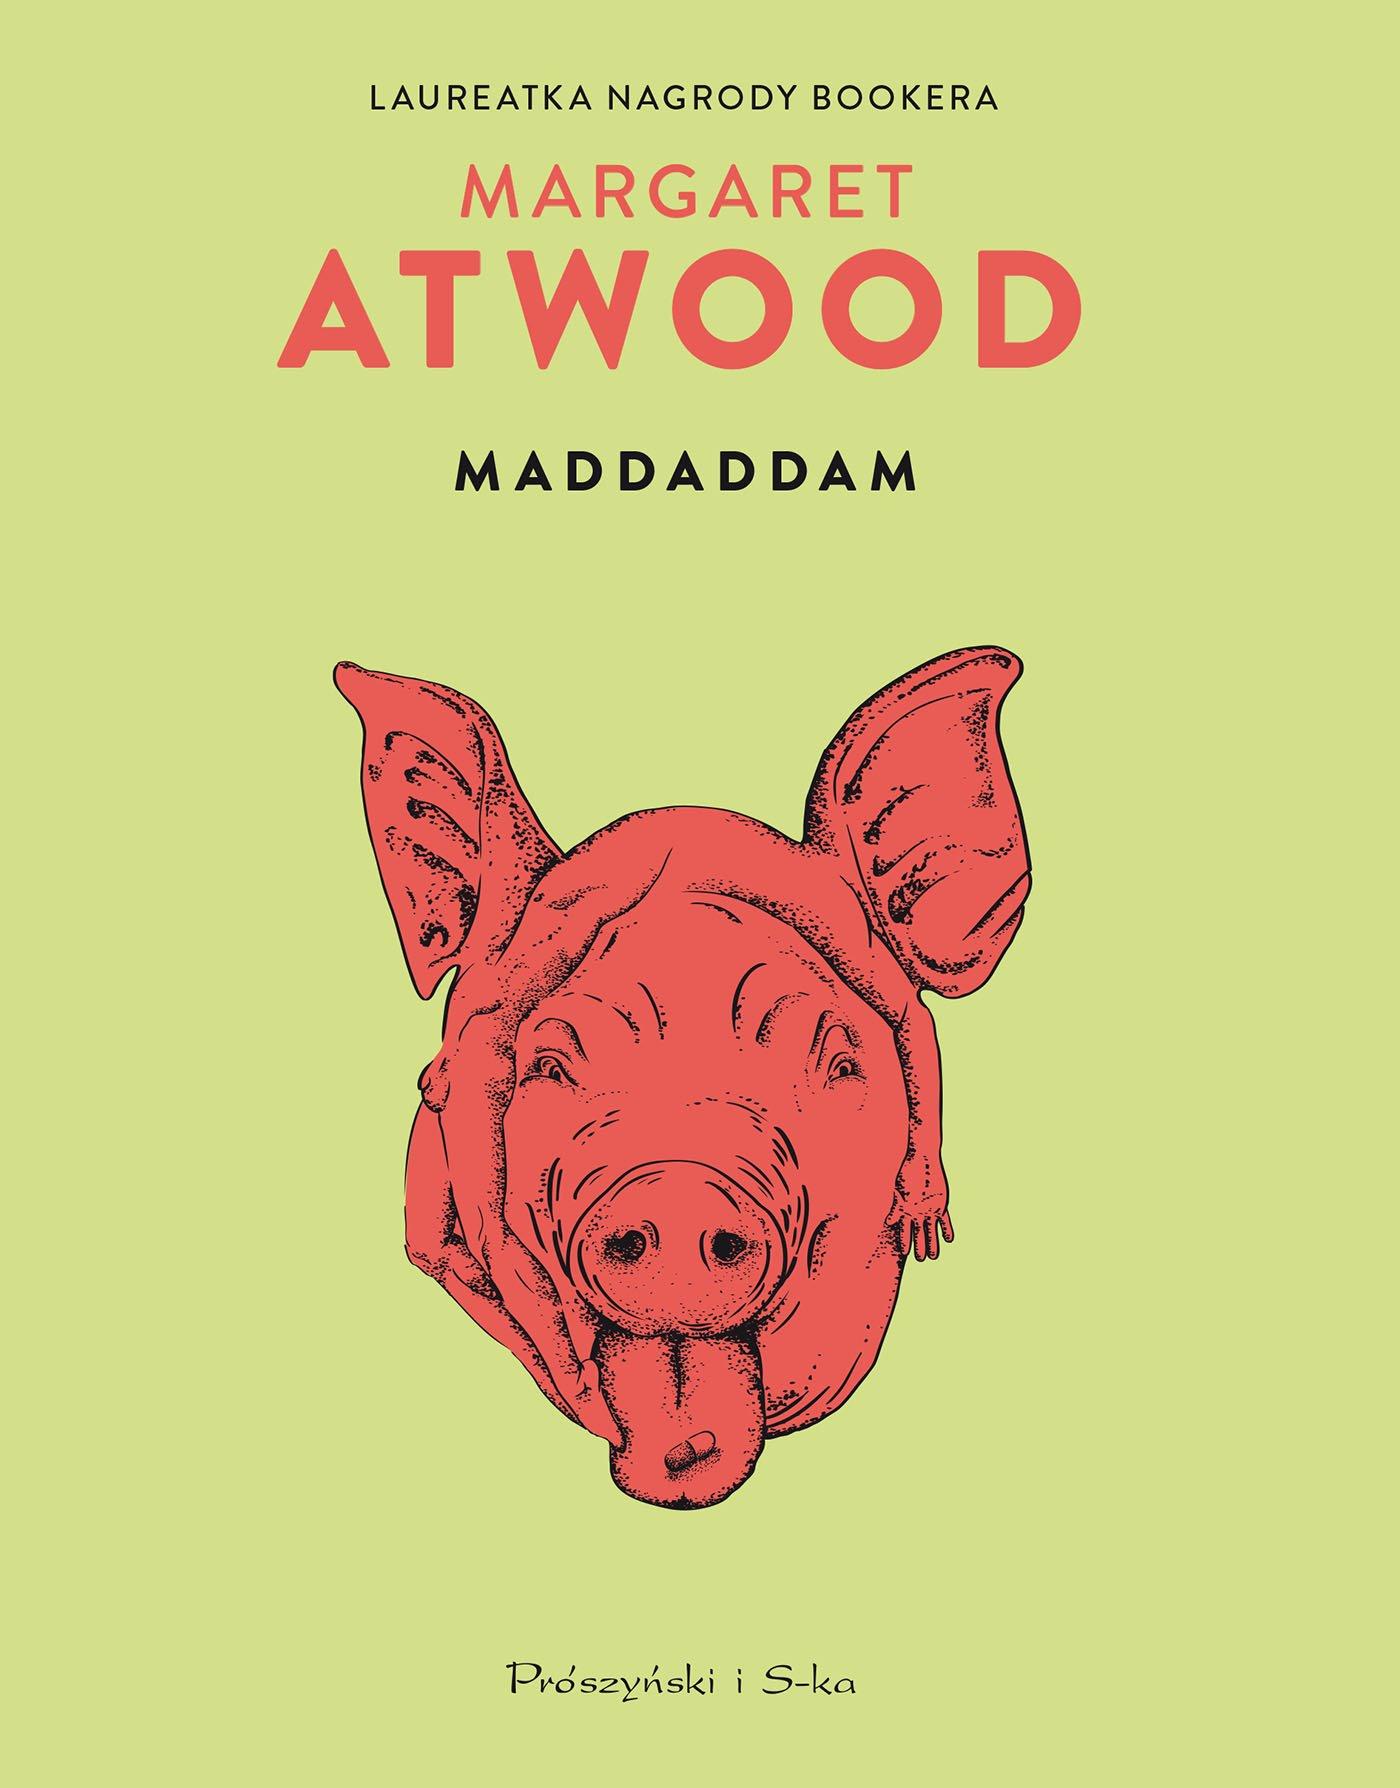 MaddAddam - Ebook (Książka EPUB) do pobrania w formacie EPUB